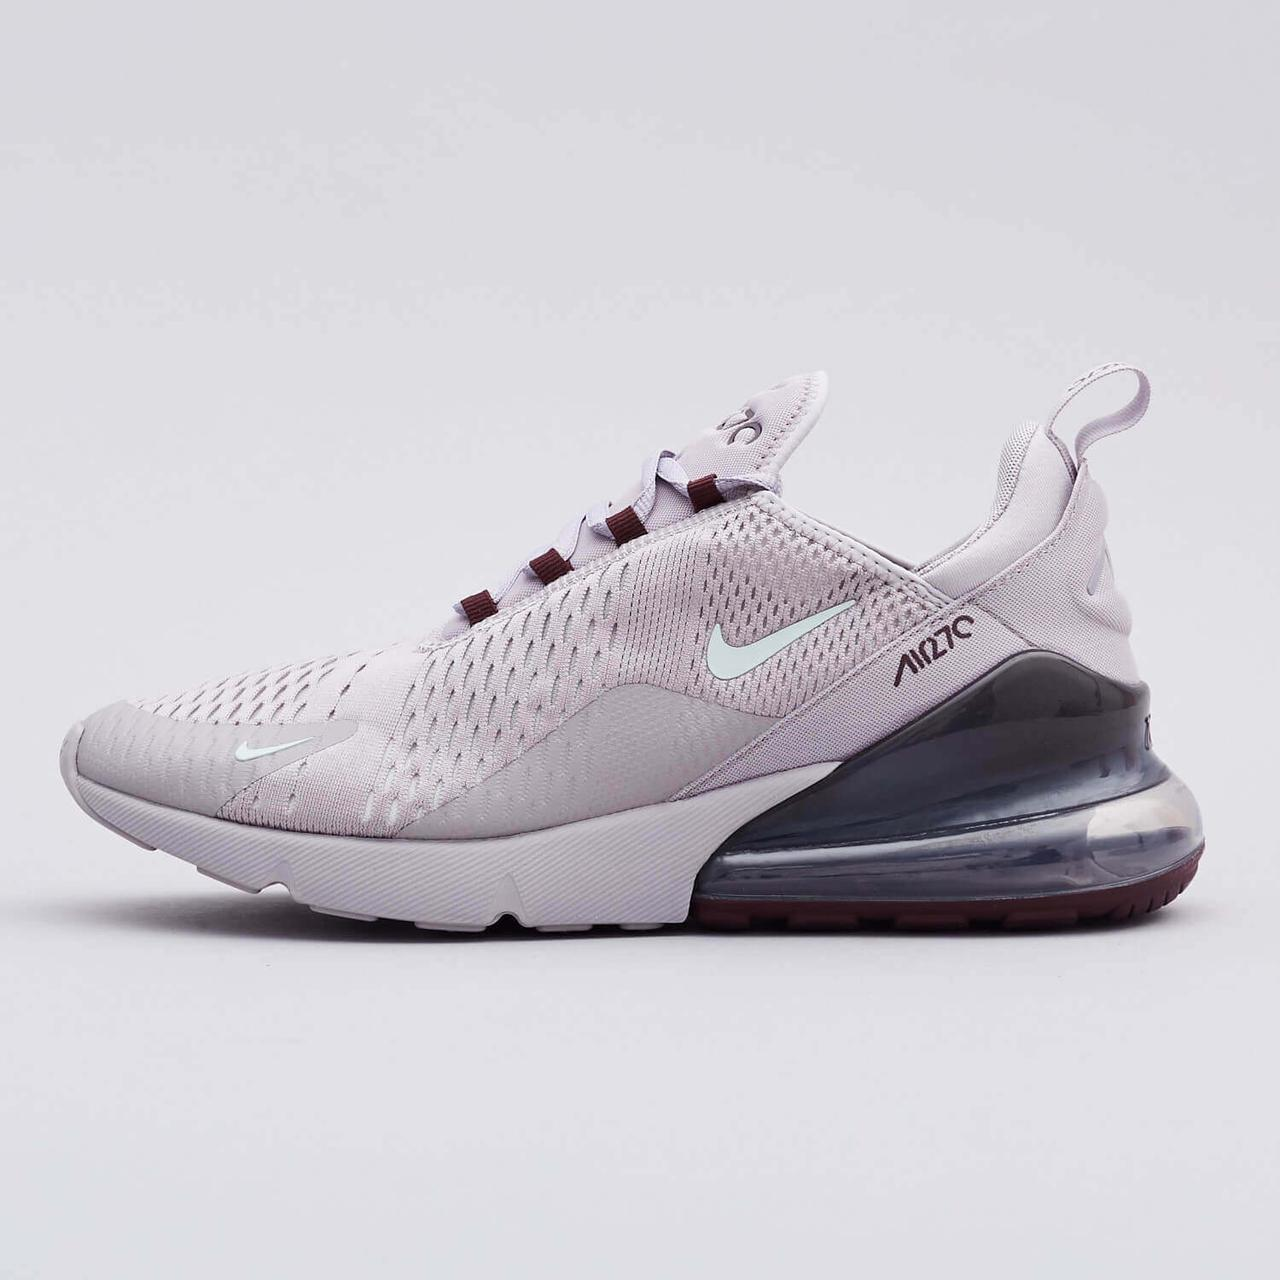 Мужские кроссовки Nike Air Max 270 AH8050-016 - Parallel-Brandshop.  Оригинальная обувь dfd8beea1e892